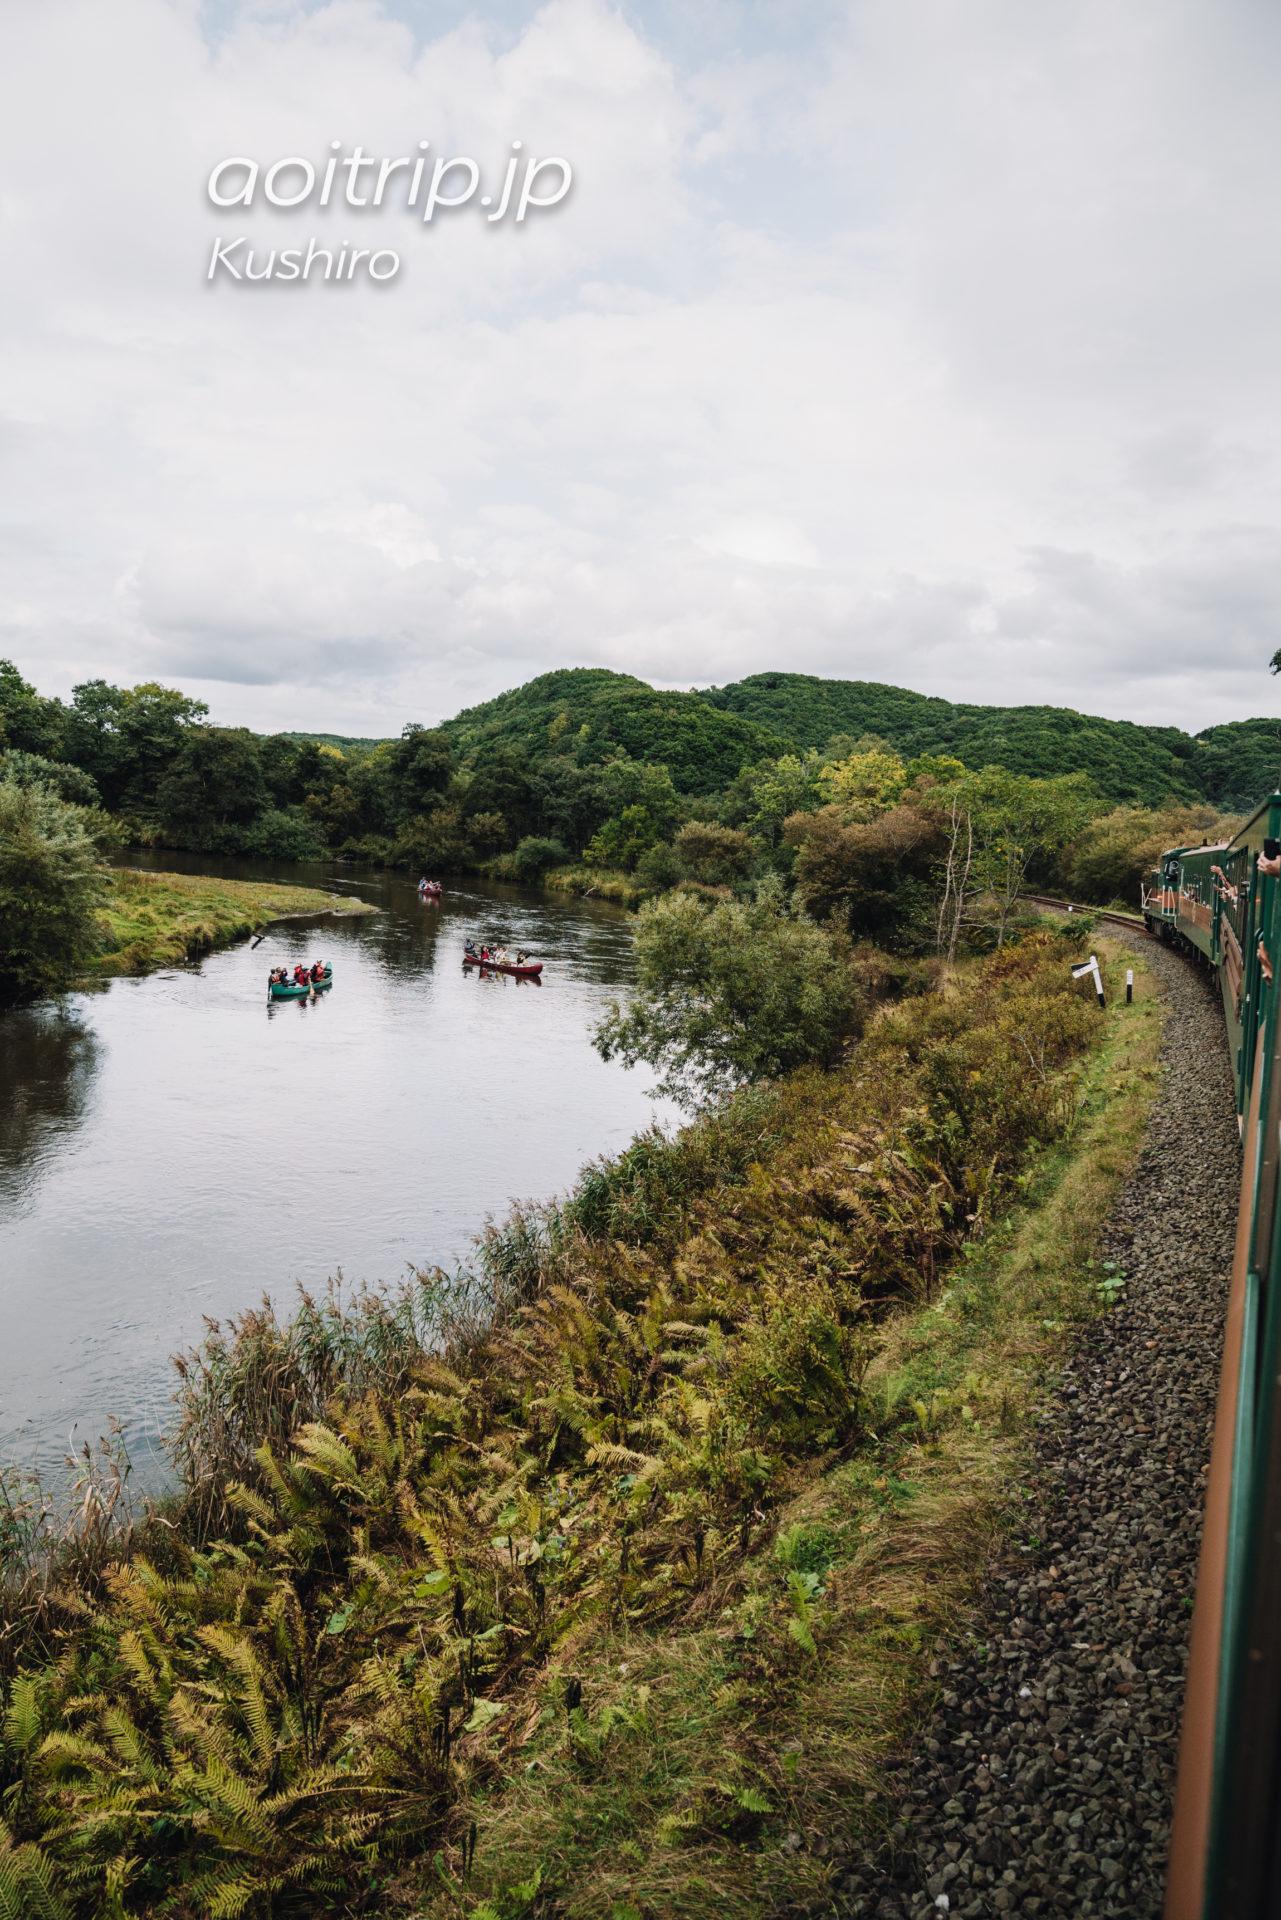 くしろ湿原ノロッコ号と釧路川のカヌー